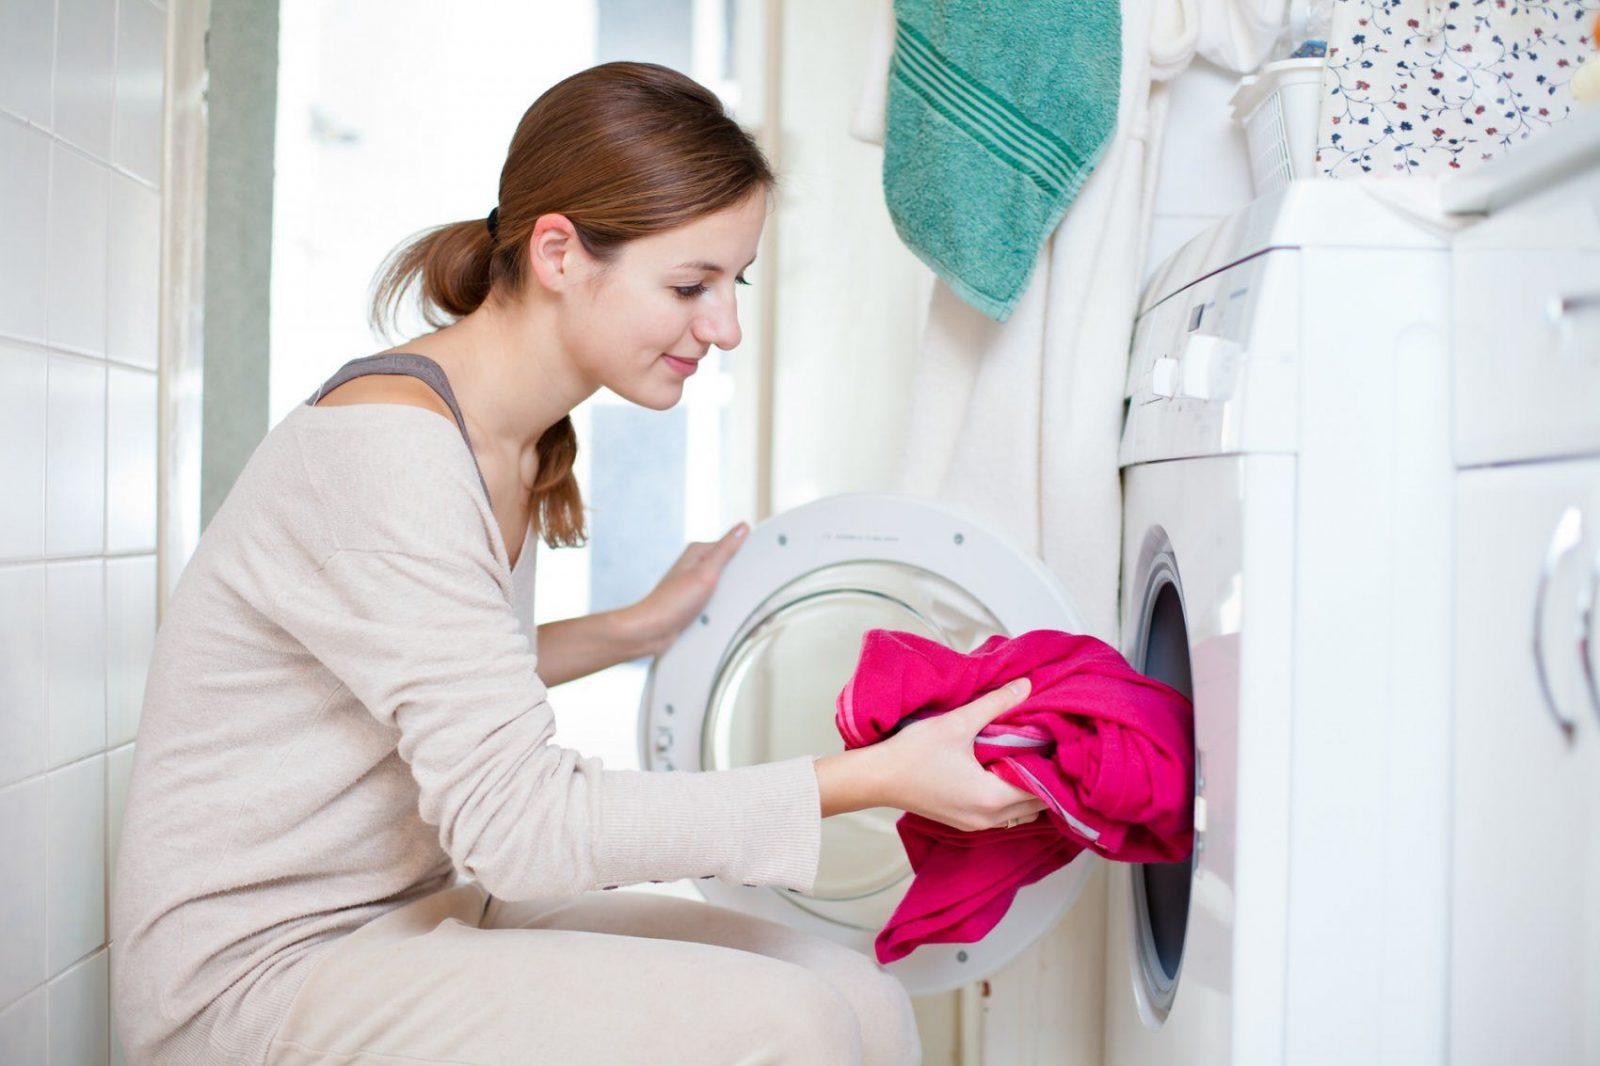 Bettwäsche Waschen – Wie Viel Grad Sind Richtig von Bei Wieviel Grad Wäscht Man Bettwäsche Bild